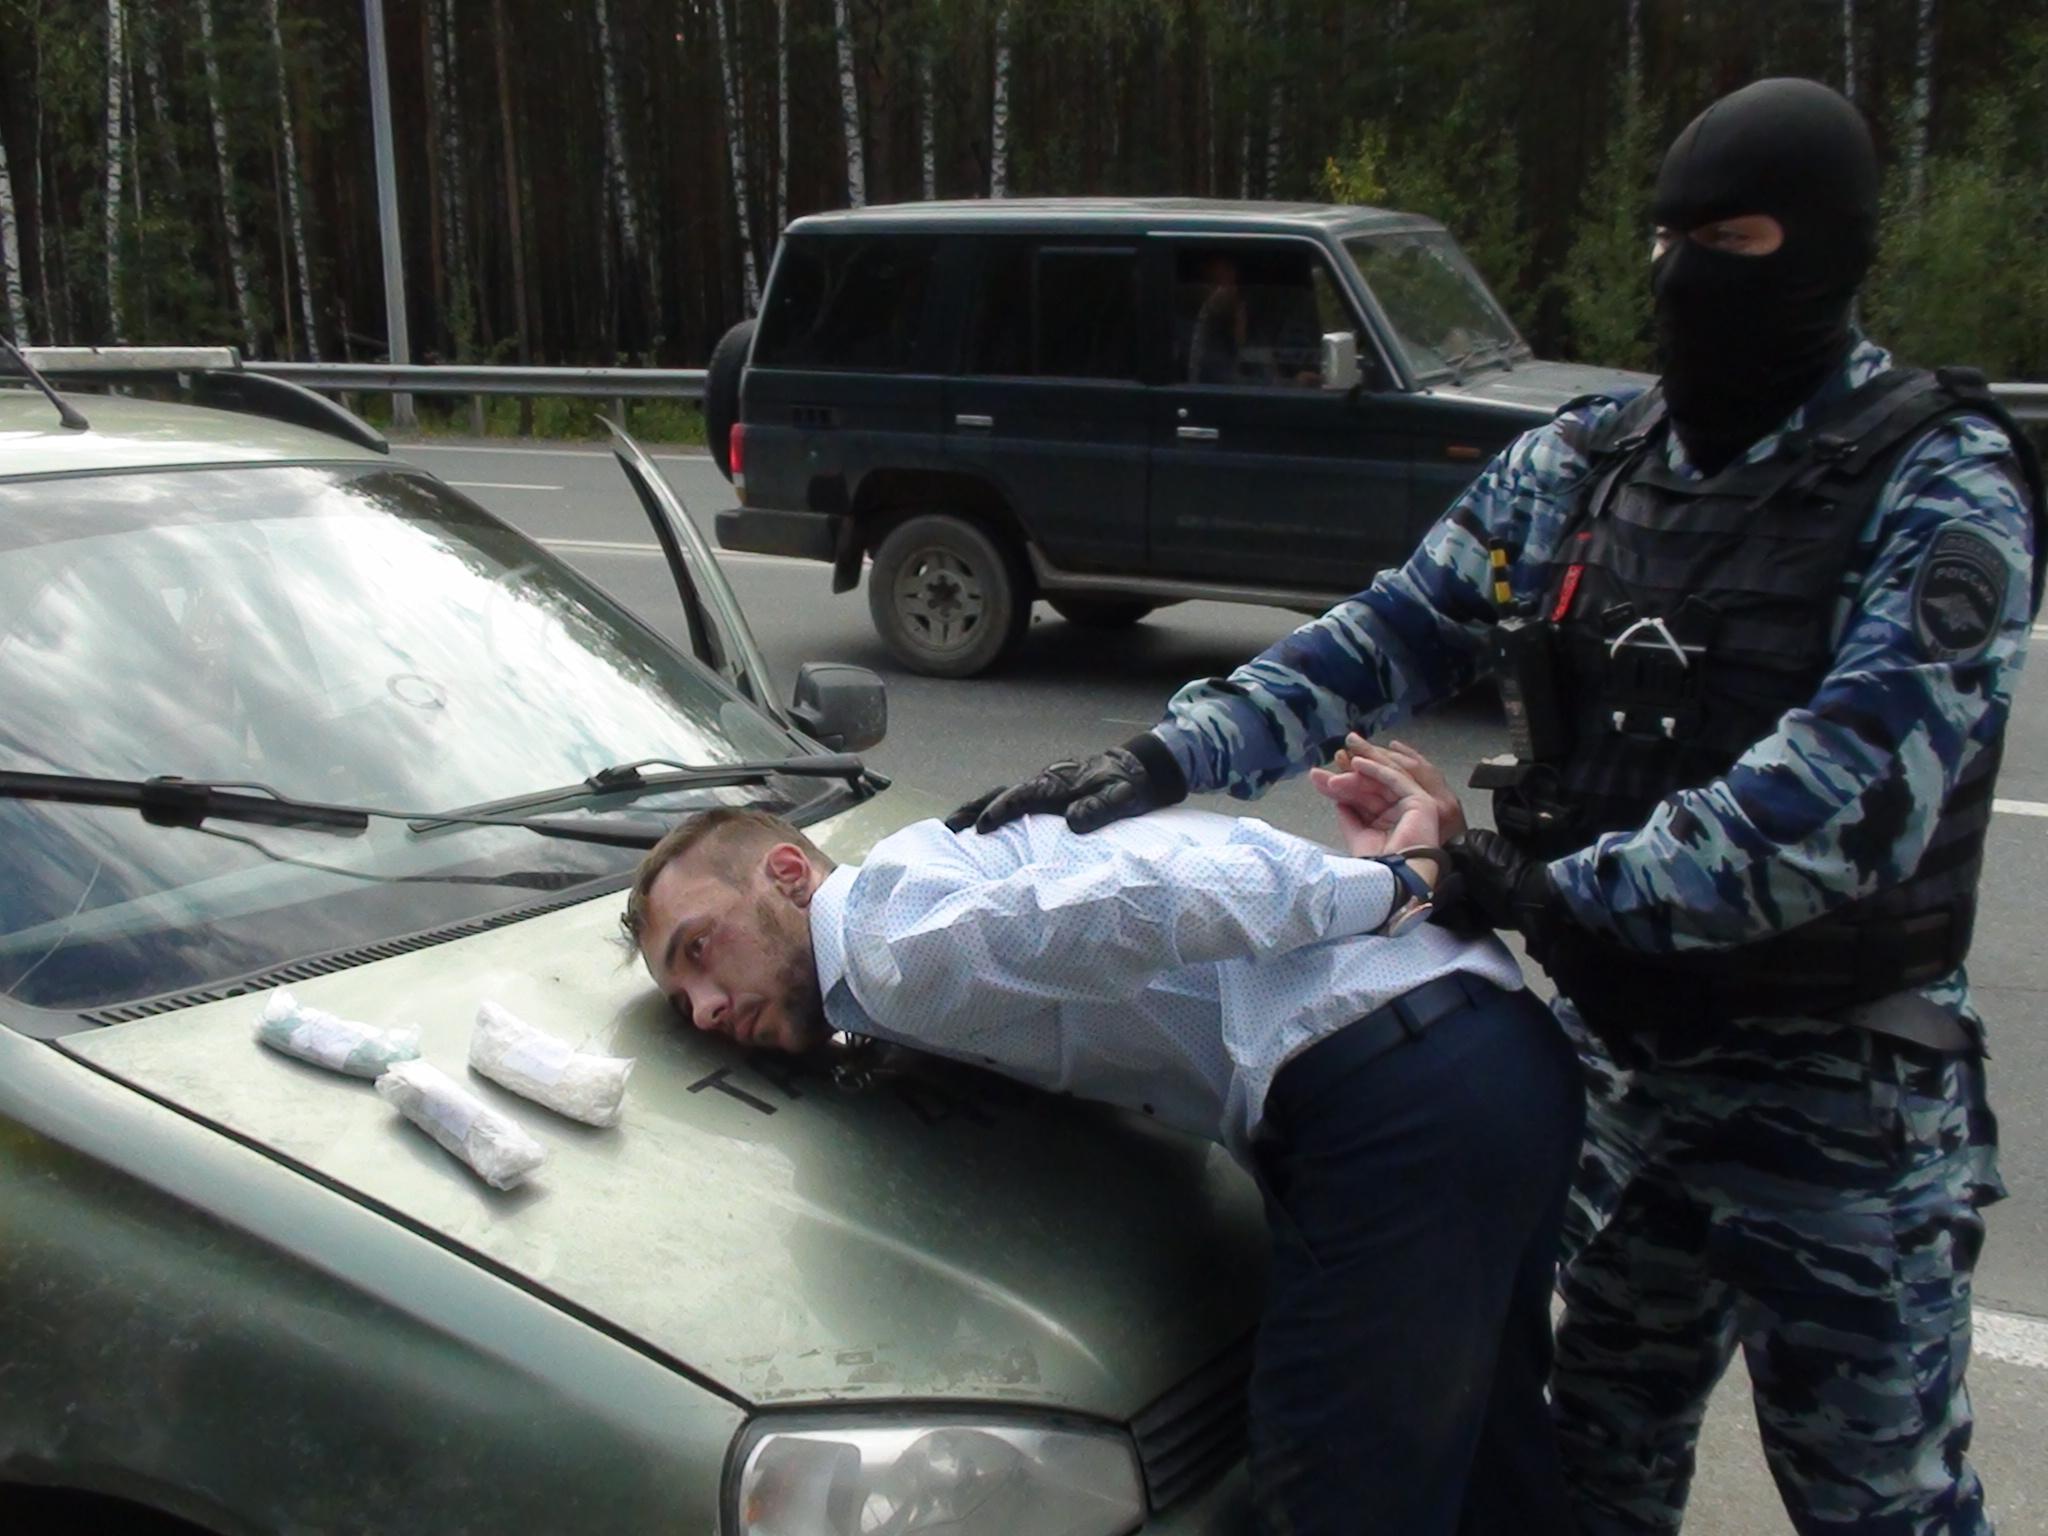 ВНижнем Тагиле задержали 2-х парней, подозреваемых в«оптовой» наркоторговле